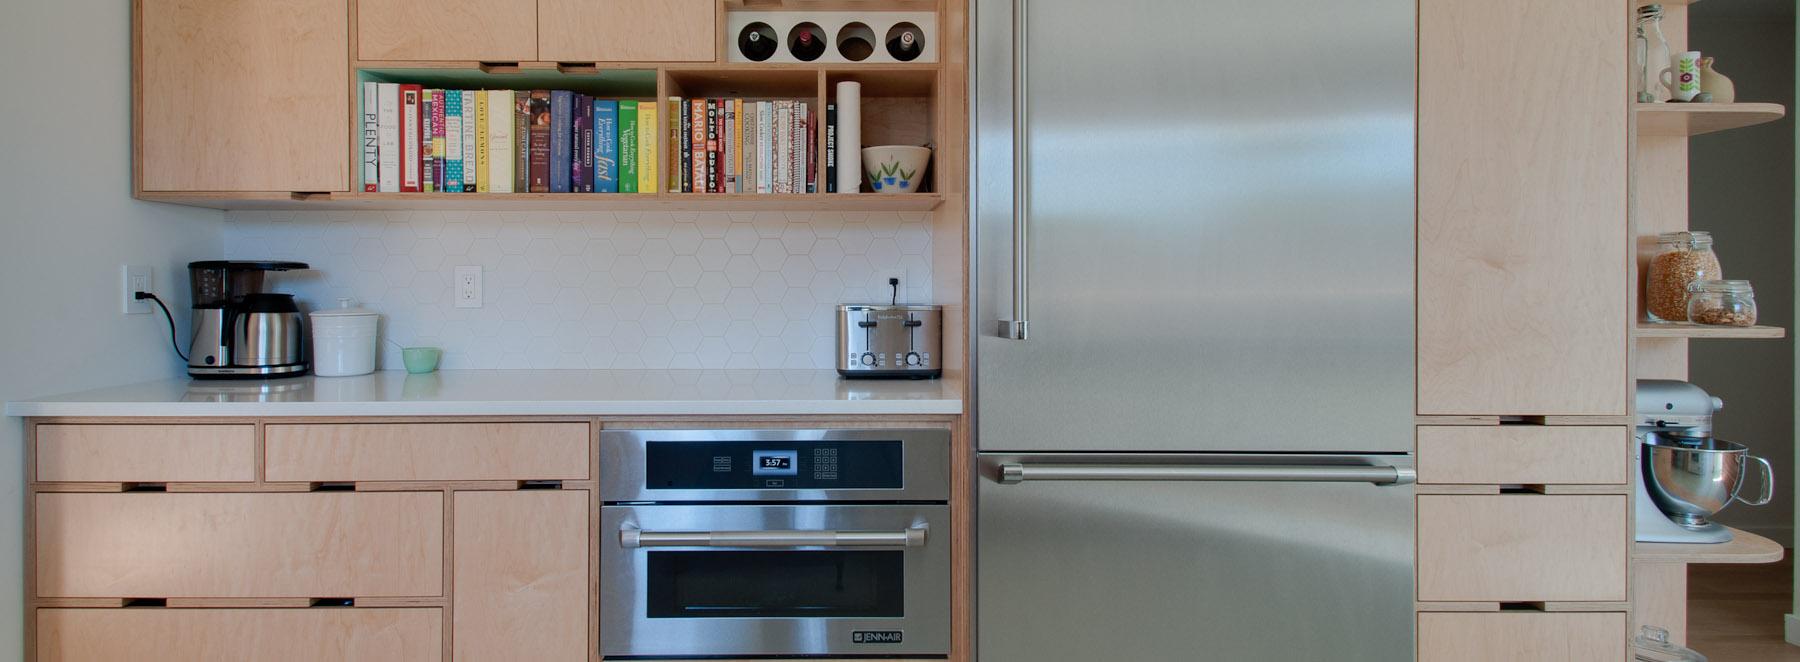 Kerf Design Work: Kitchen